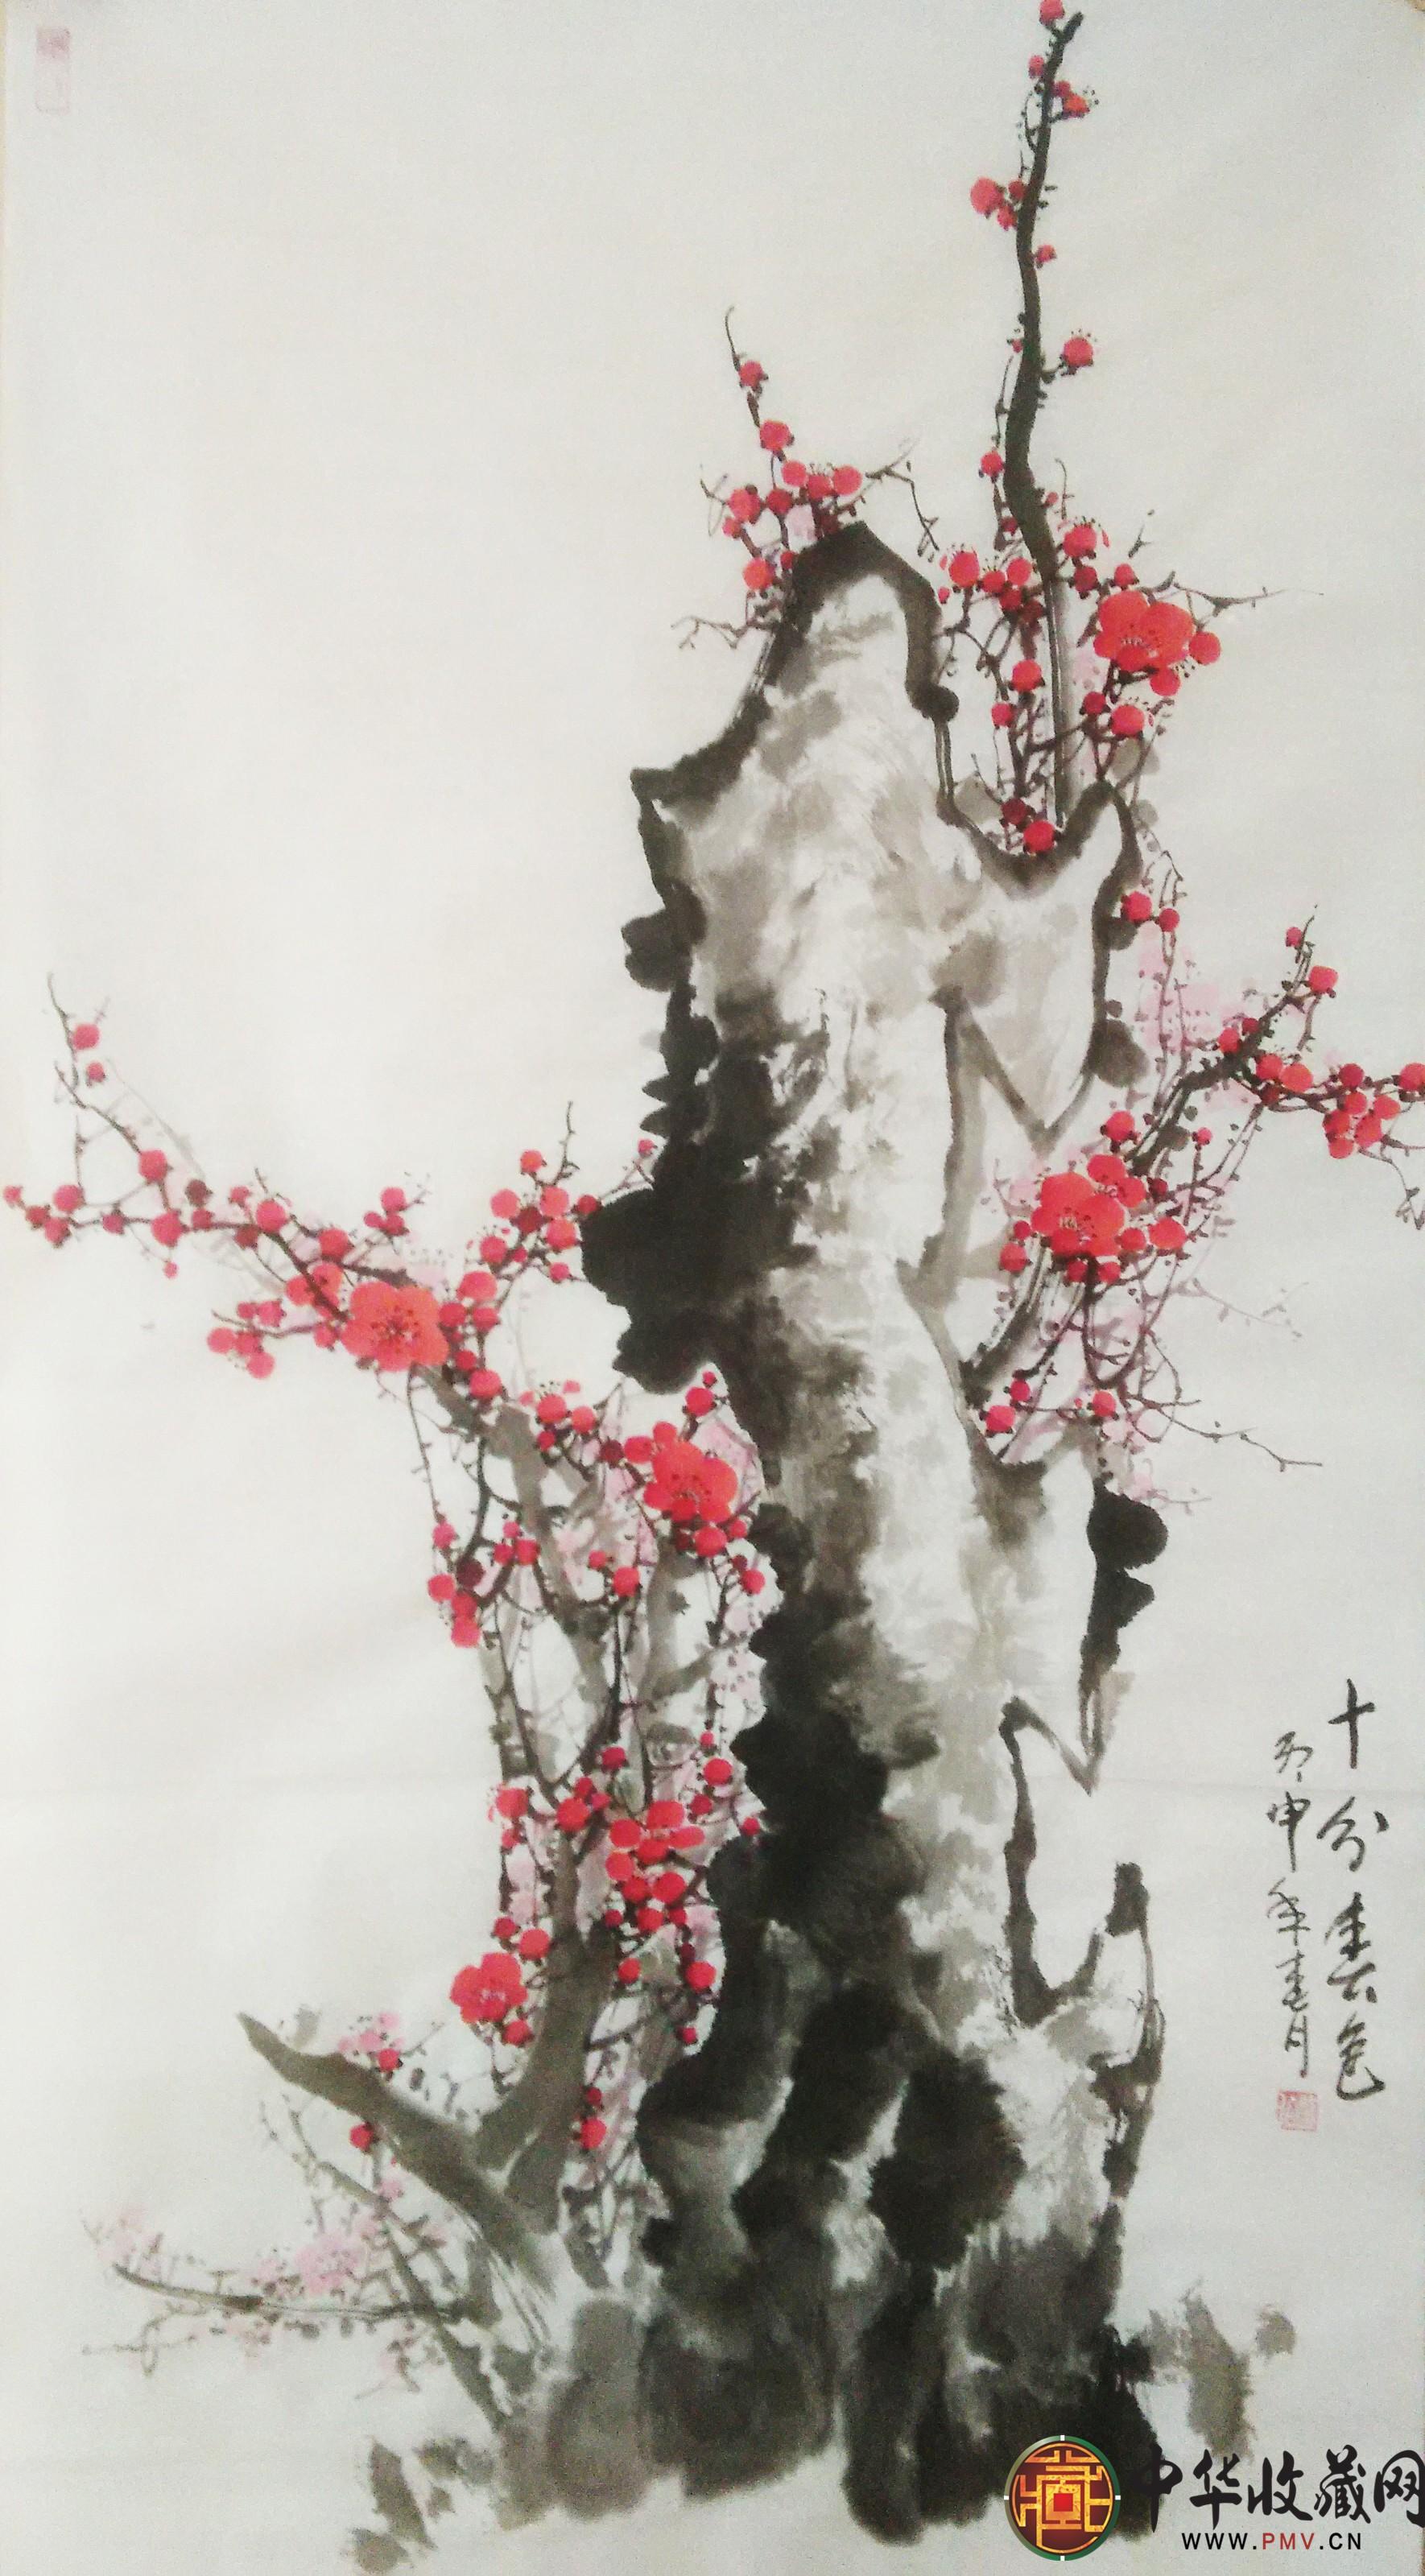 李森四尺竖幅国画作品《十分春色》